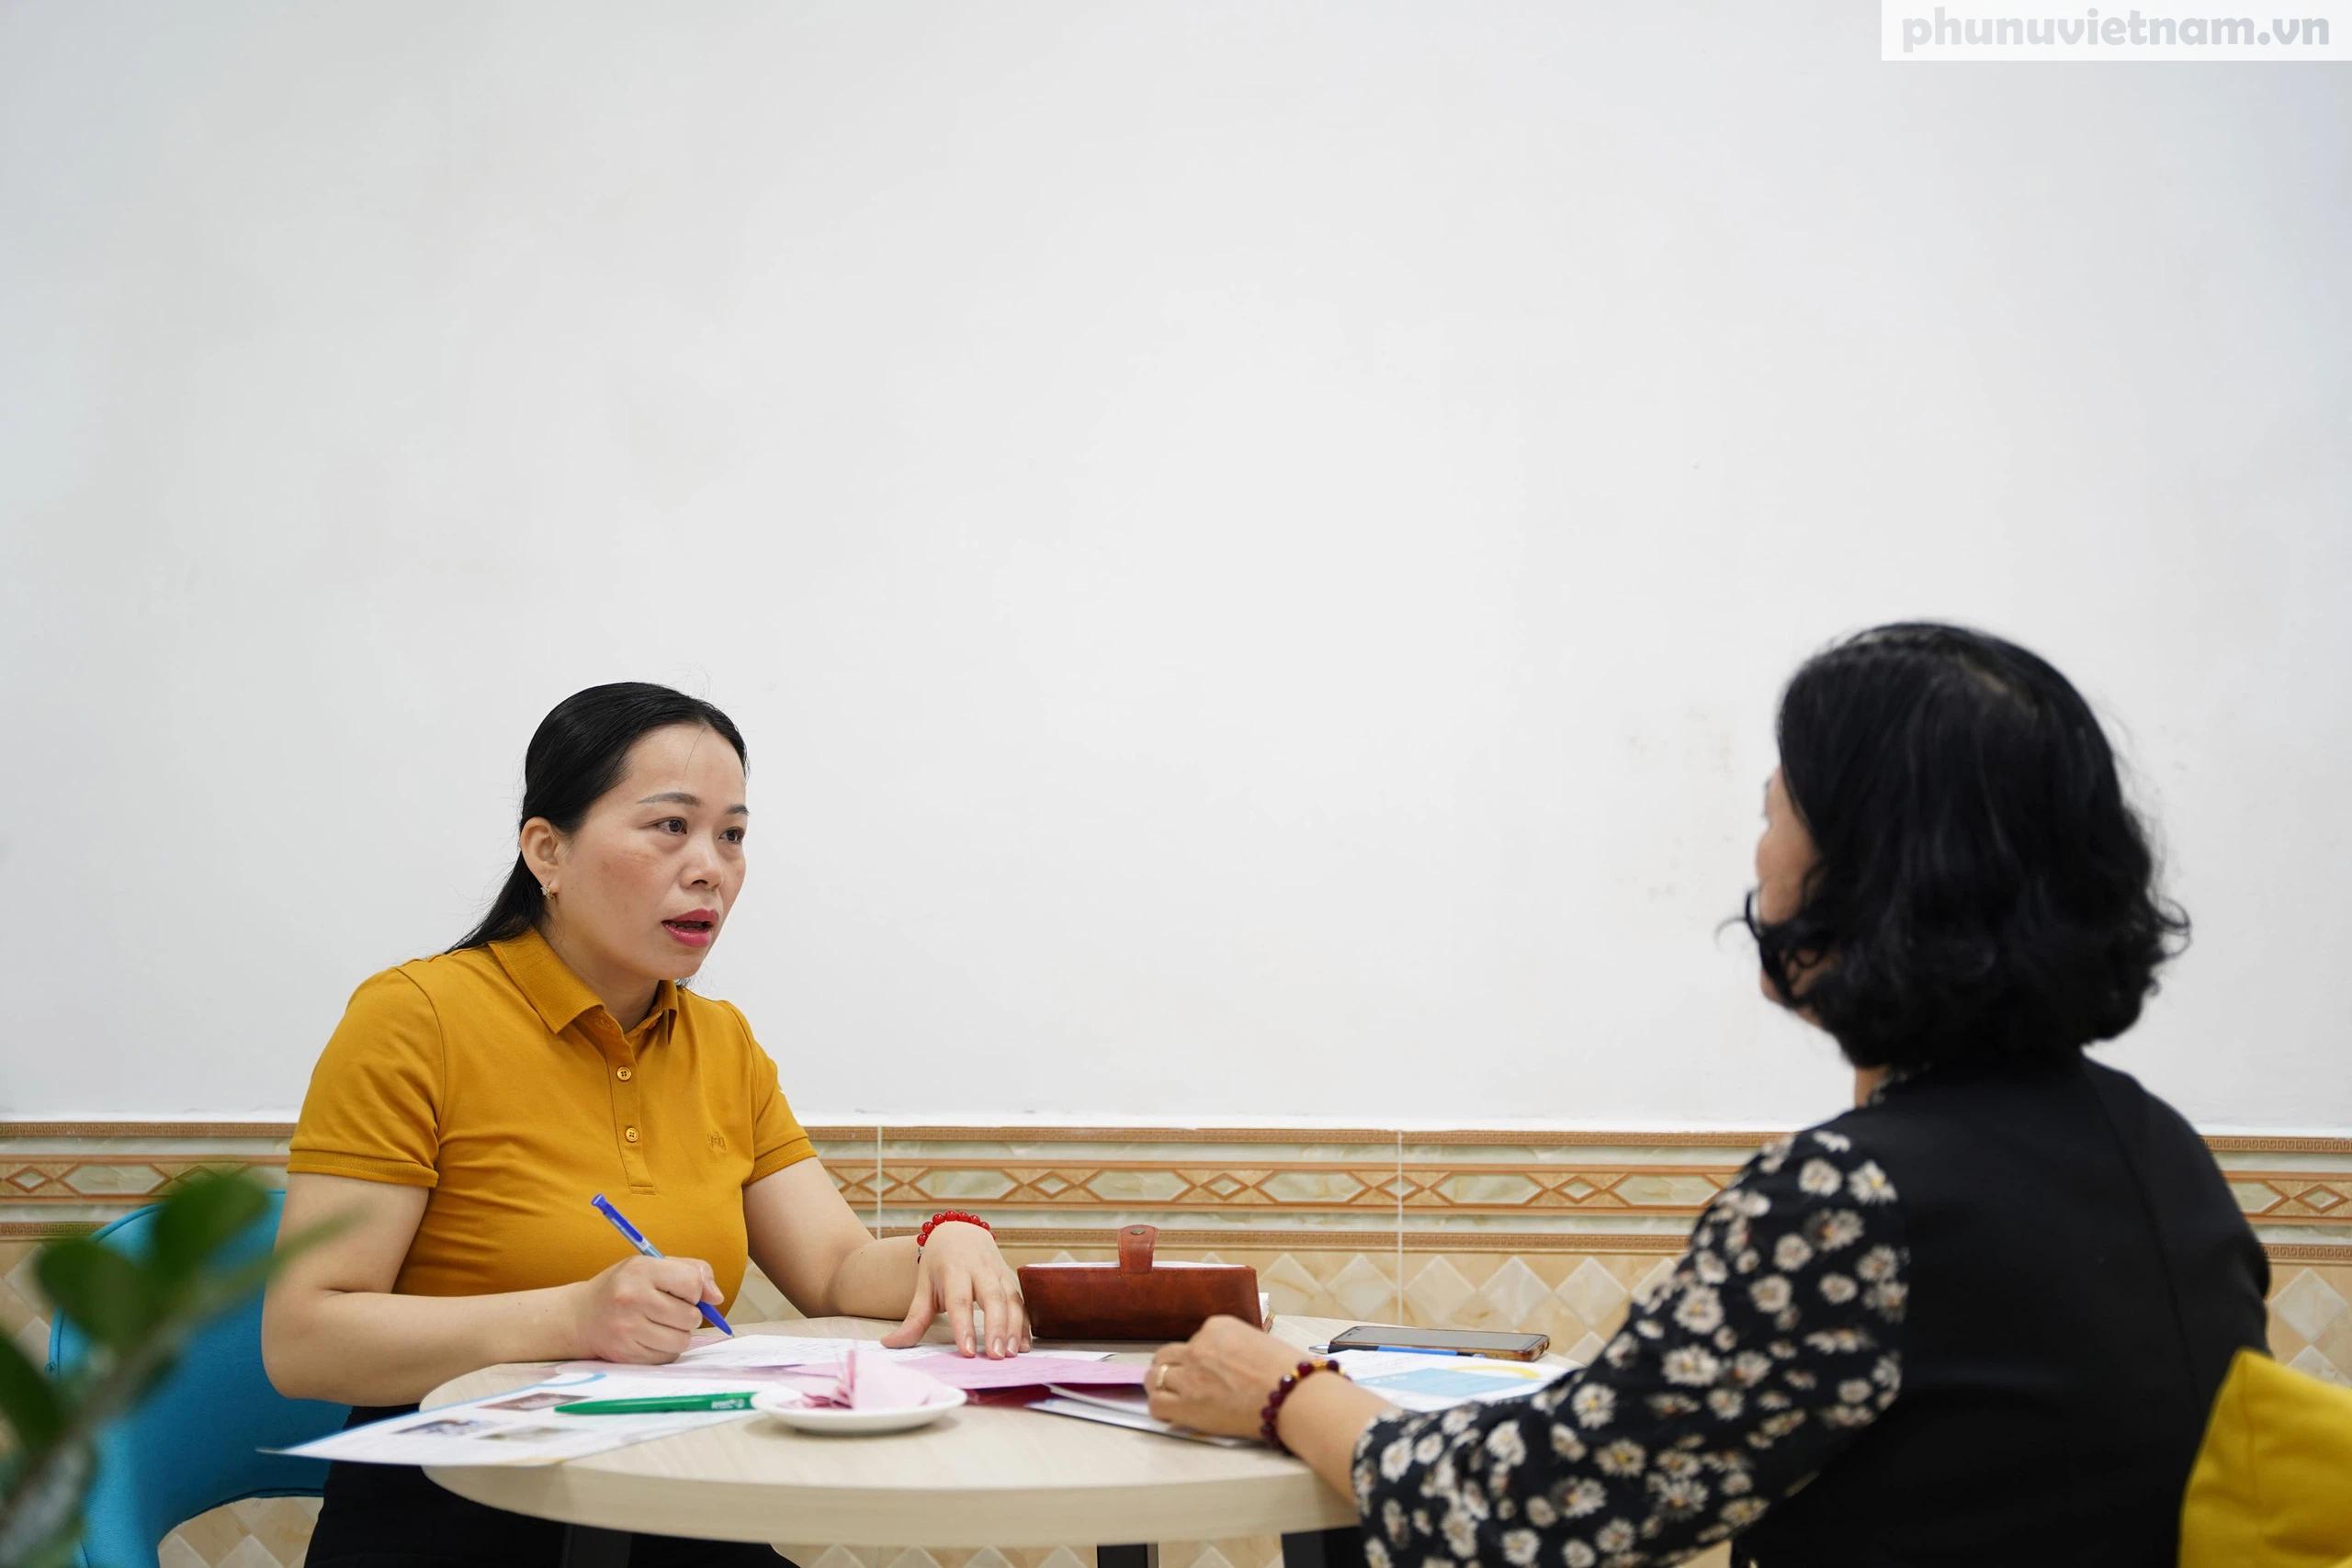 Văn phòng hỗ trợ phụ nữ di cư hồi hương ở Hải Phòng trước ngày khai trương - Ảnh 6.